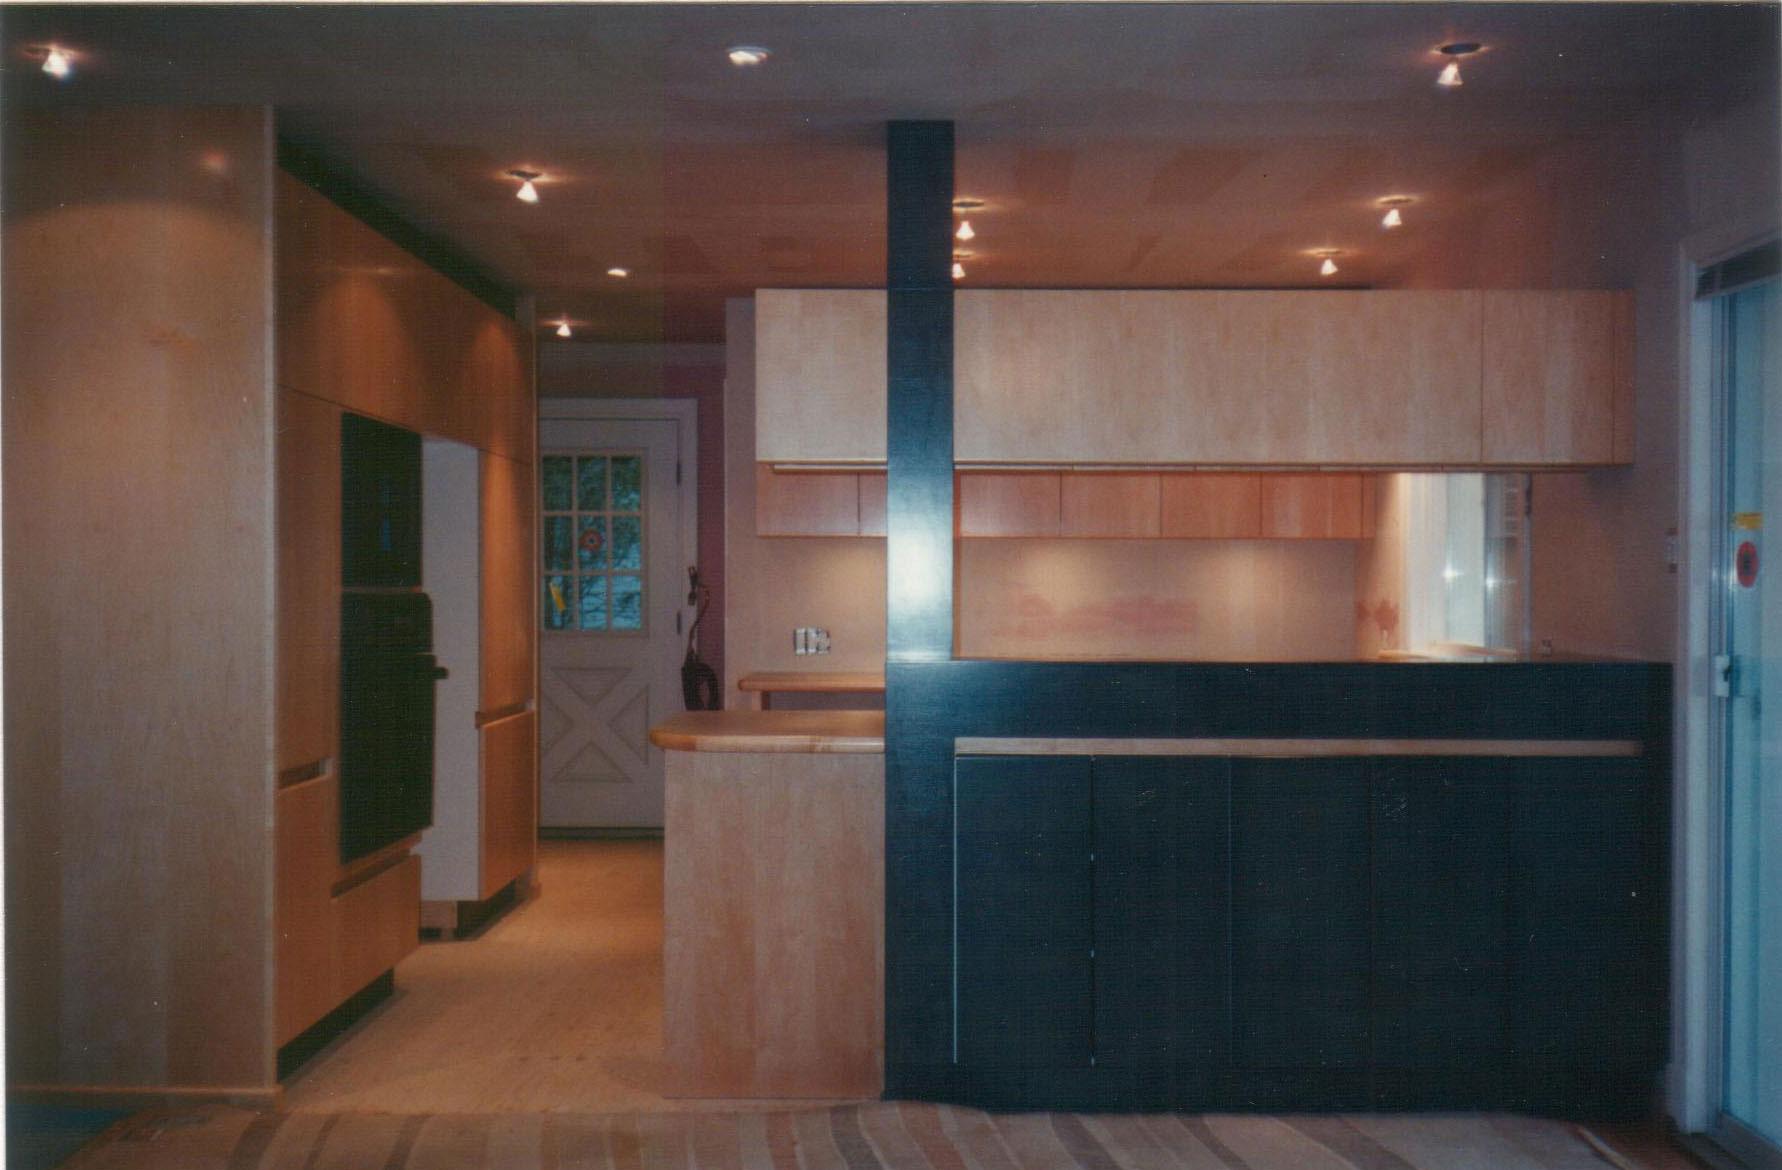 30 impressionnant mobilier de cuisine hgd6 armoires de for Mobilier cuisine moderne